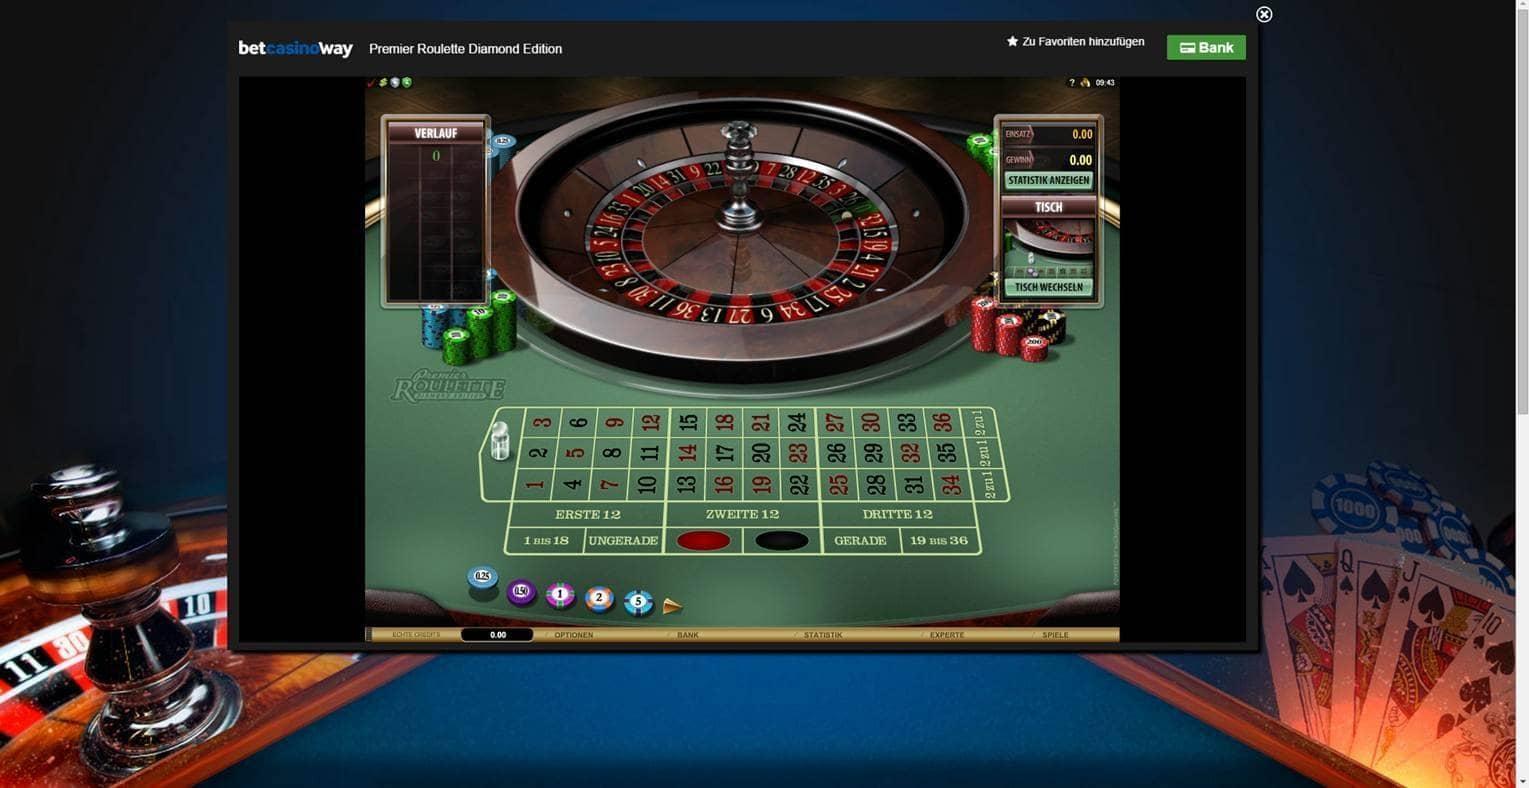 Geheimnis Spielautomaten Betway -328206